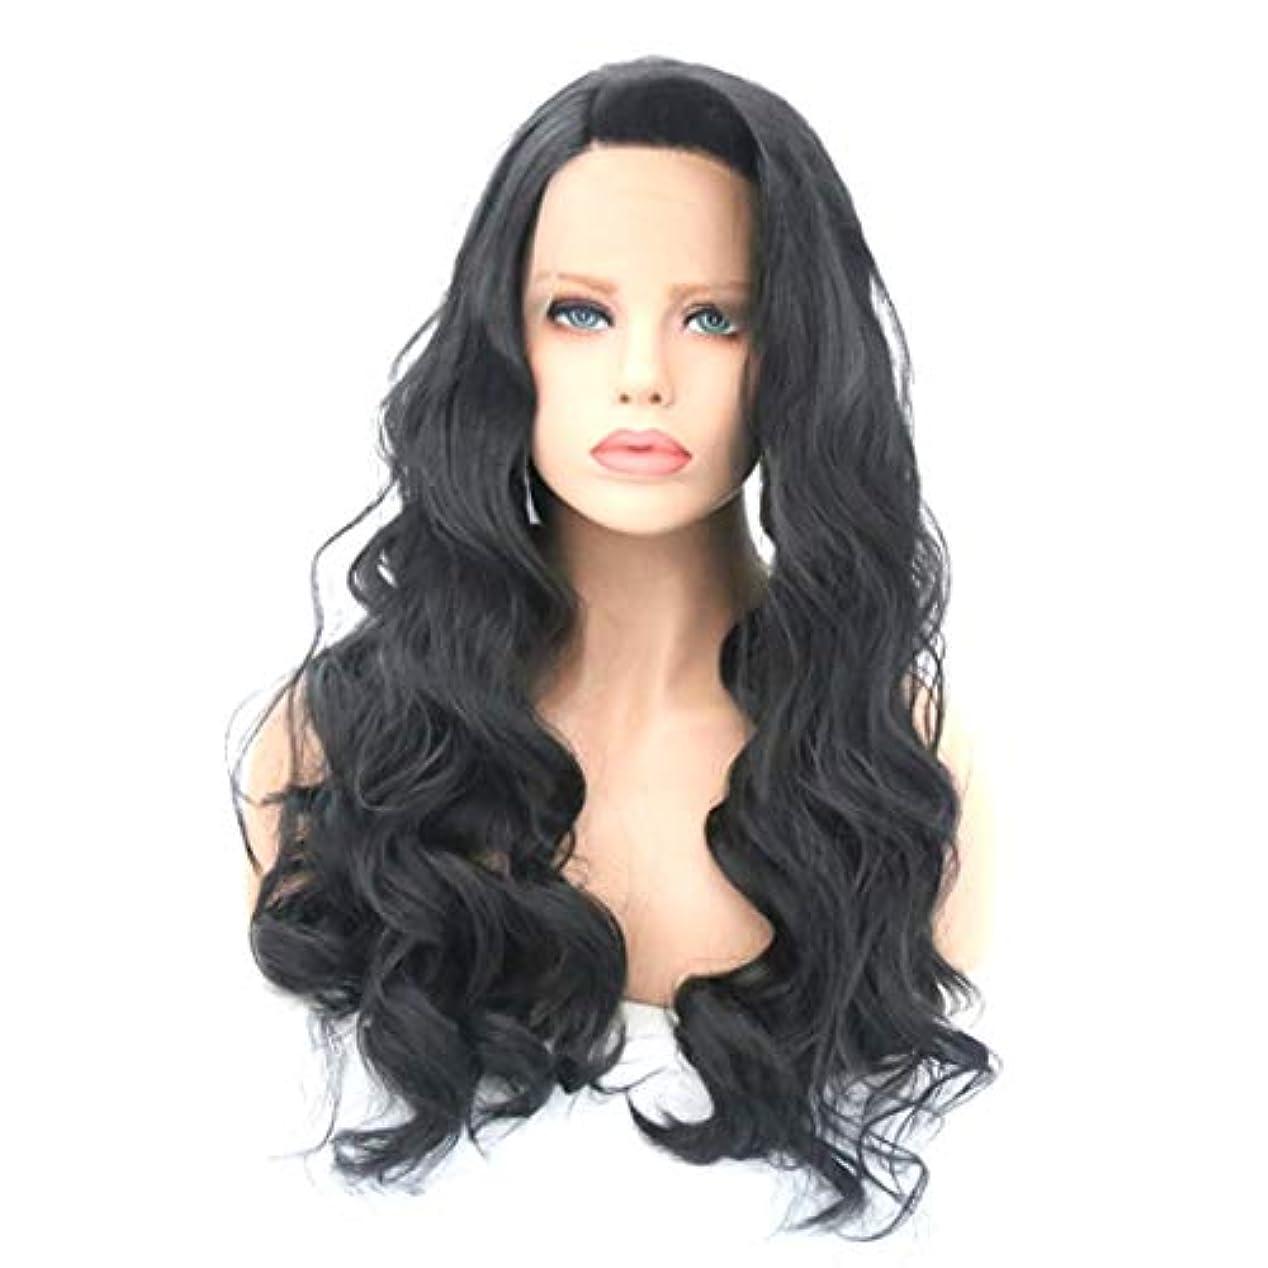 支援資格情報広々Summerys かつら女性のための大きな波状の巻き毛の耐熱性長い巻き毛のかつら (Size : 20 inches)